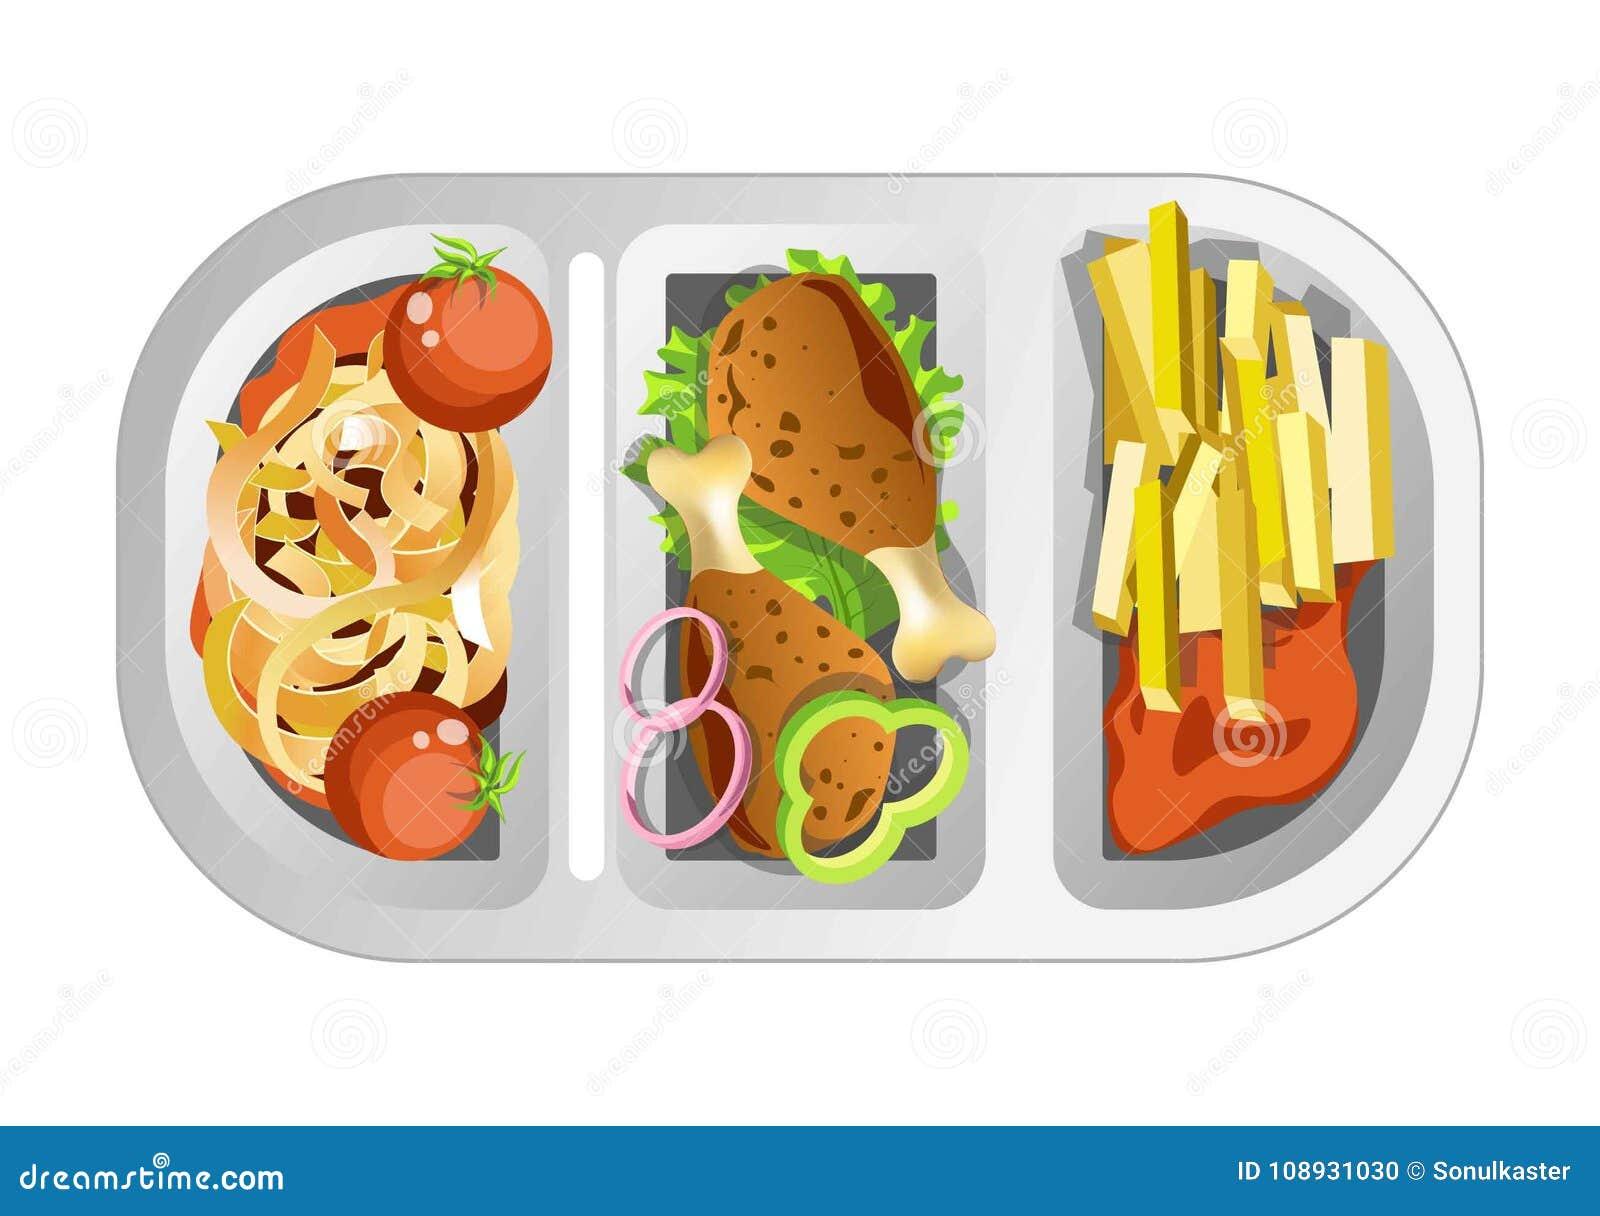 Σύνθετο μεσημεριανό γεύμα στο πλαστικό πιάτο που αποτελείται από το γρήγορο γεύμα